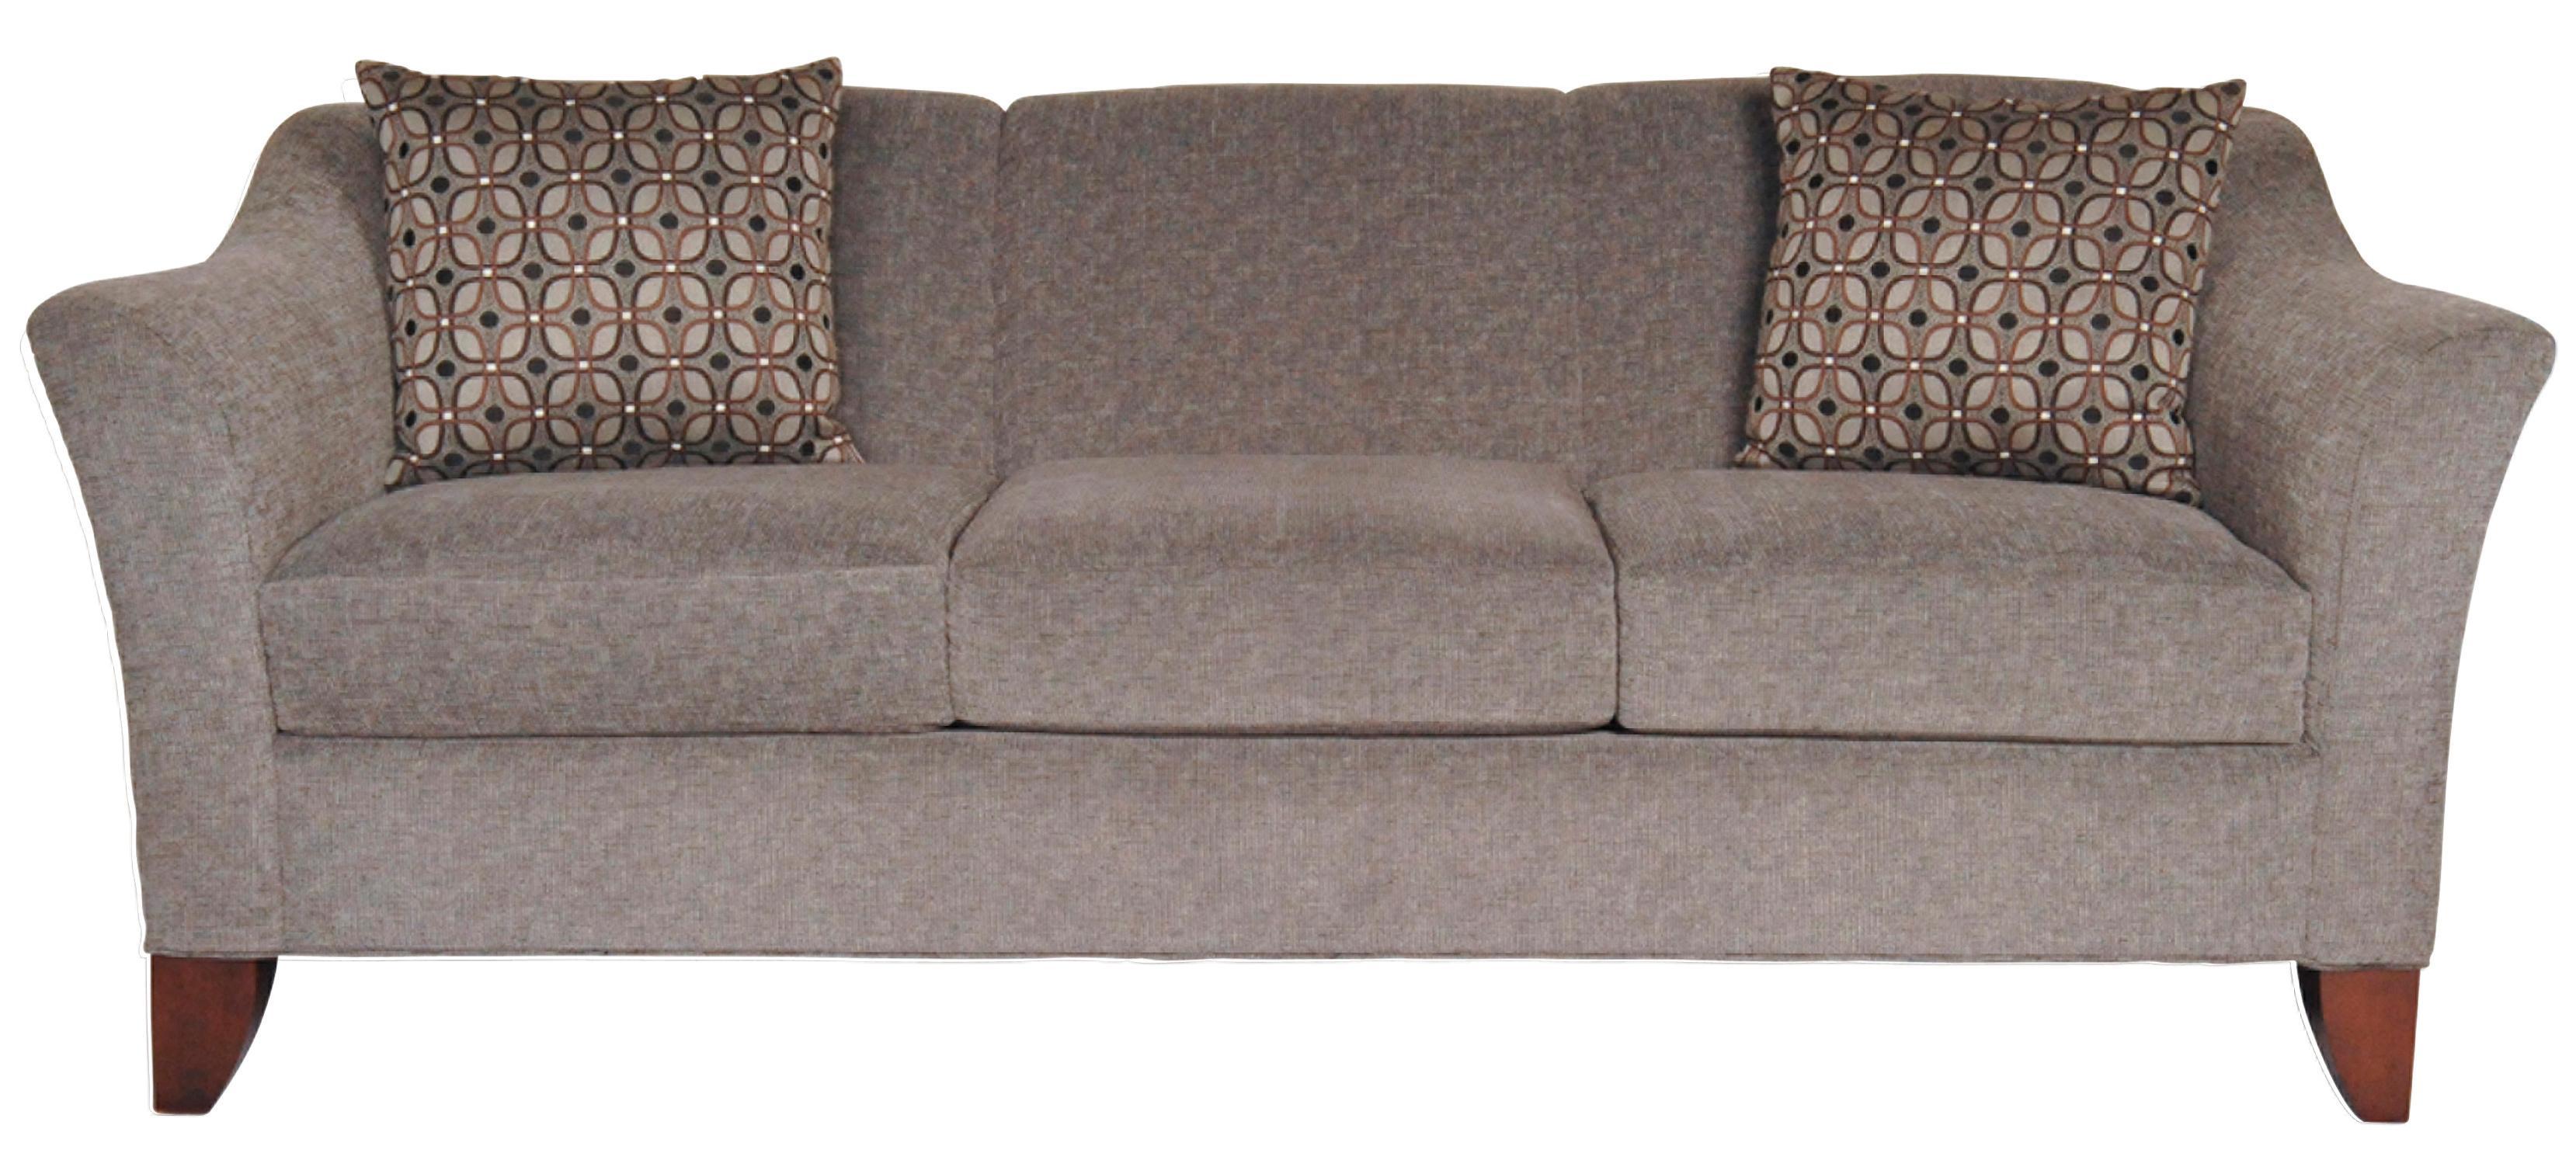 Morris Home Furnishings Andrew Andrew Sofa - Item Number: 101140173